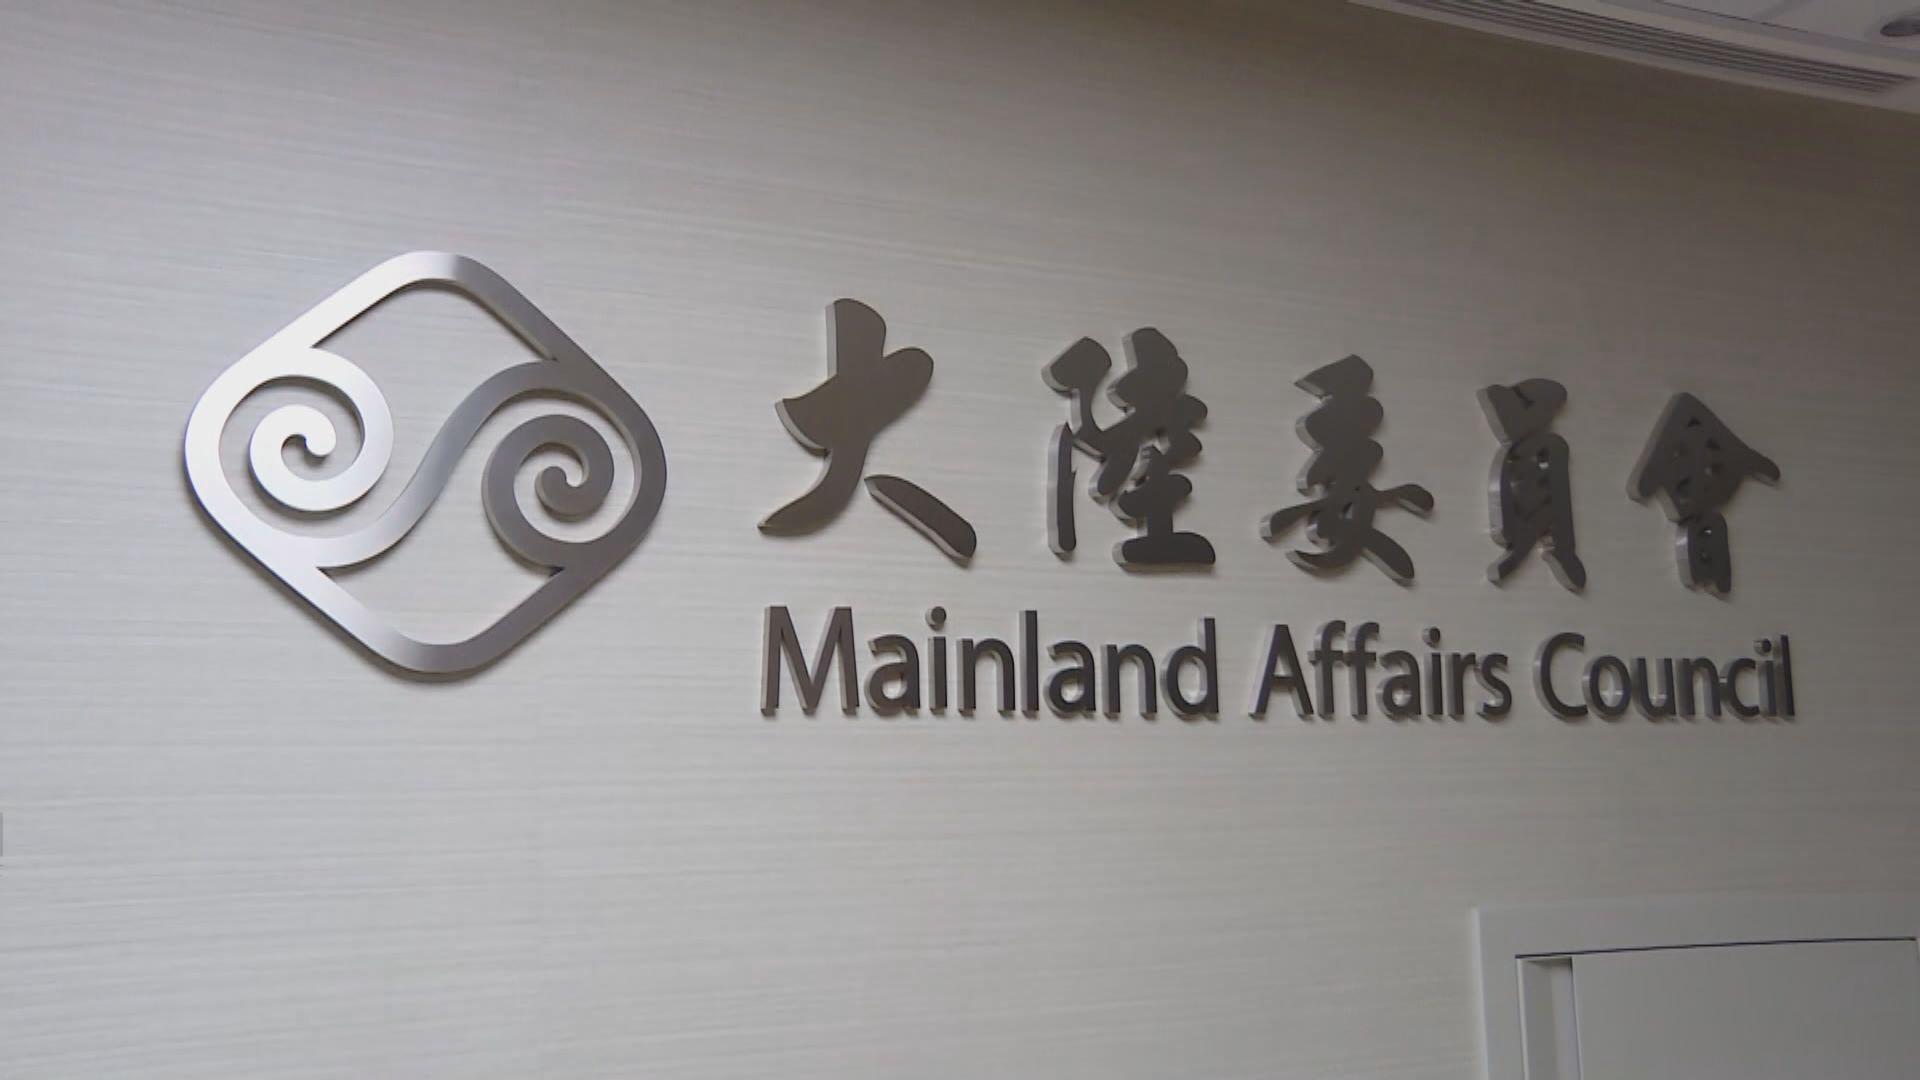 陸委會:李家超言論是「情緒性發言」 籲港負應有責任